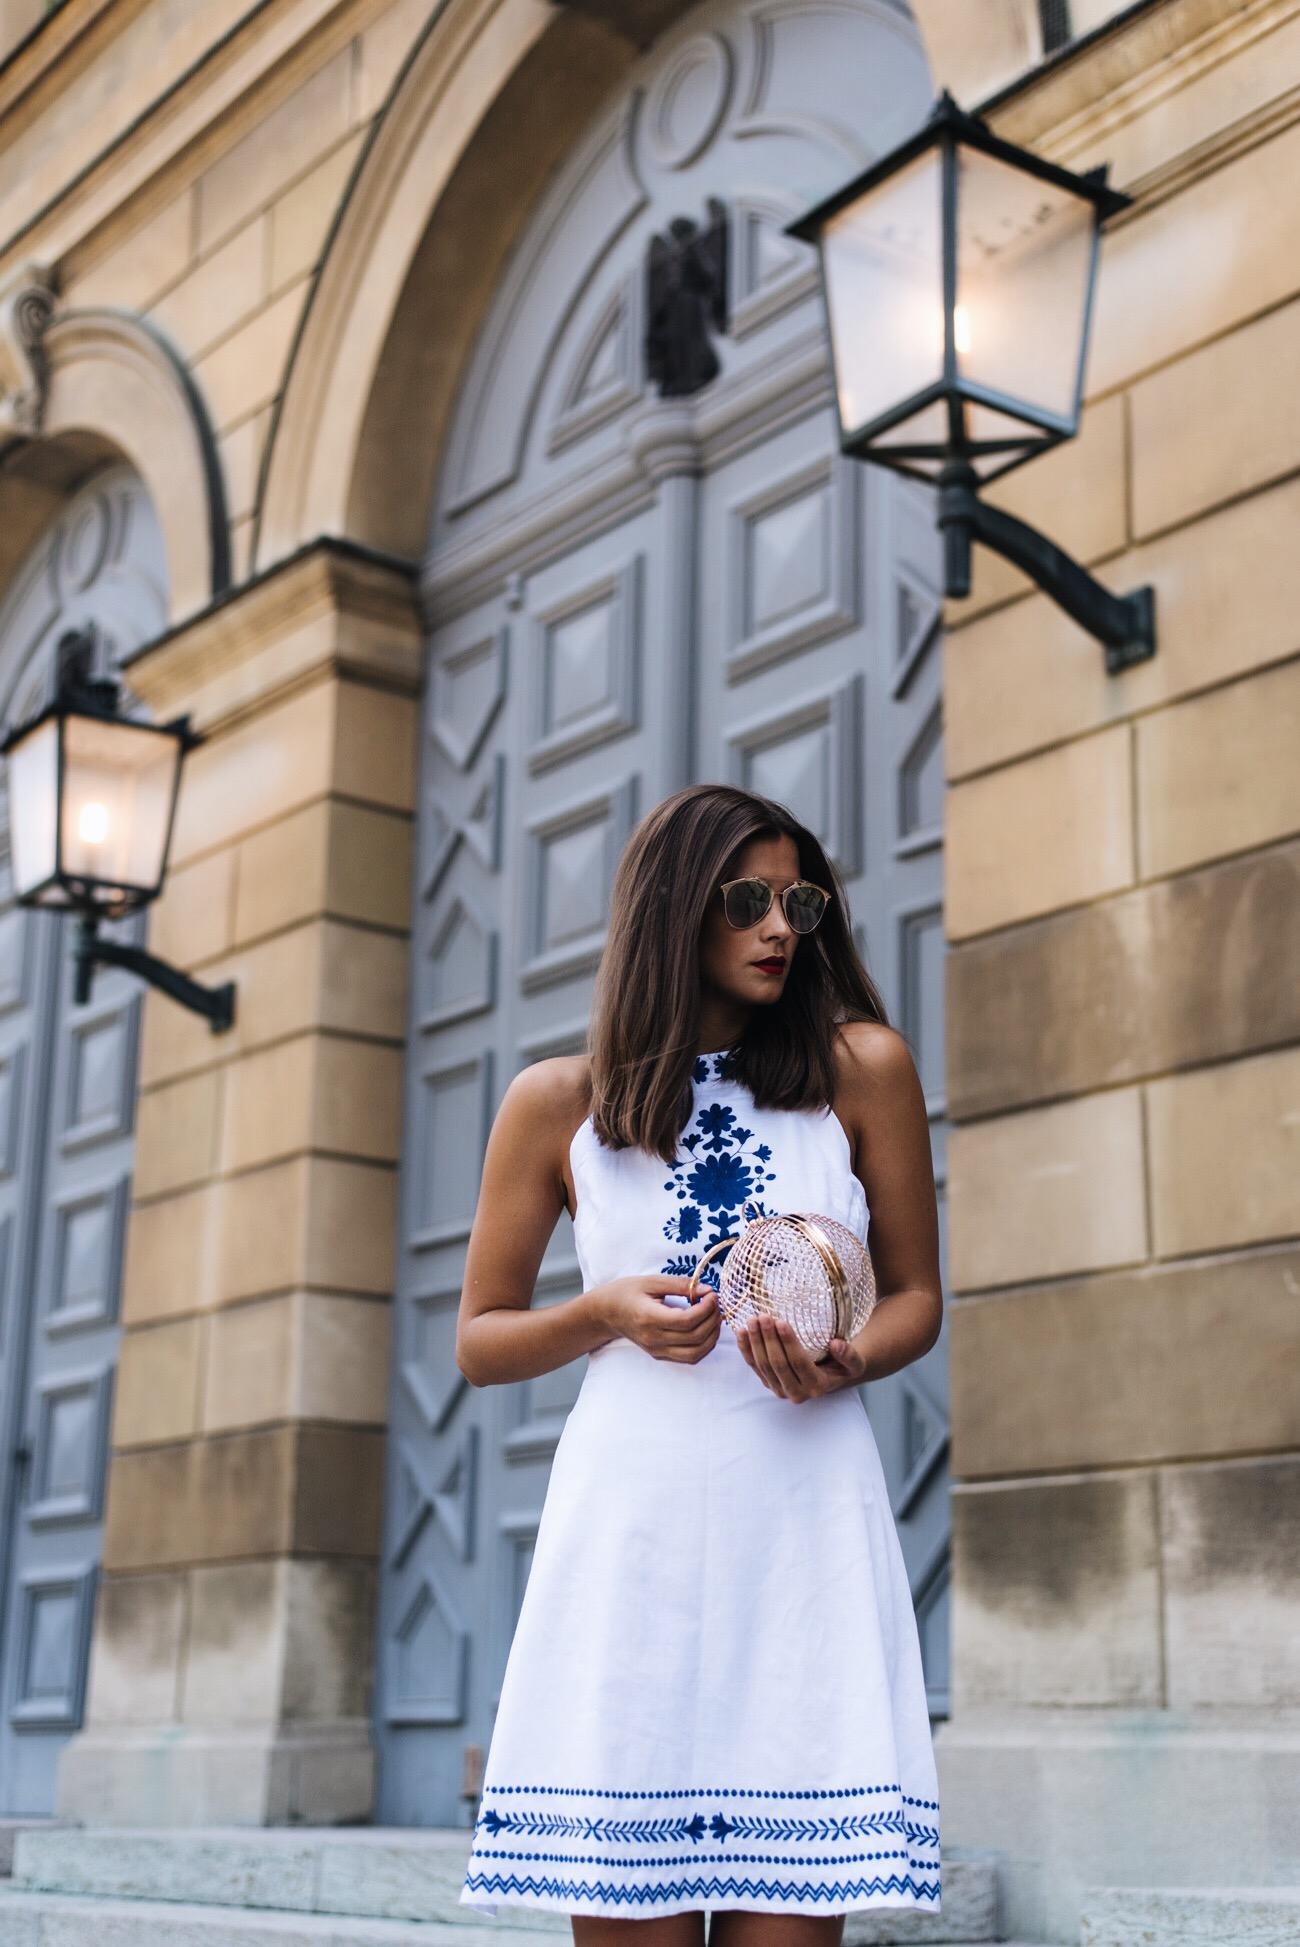 weißes-sommer-kleid-mit-stickereien-summer-dress-fashiioncarpet.jpg